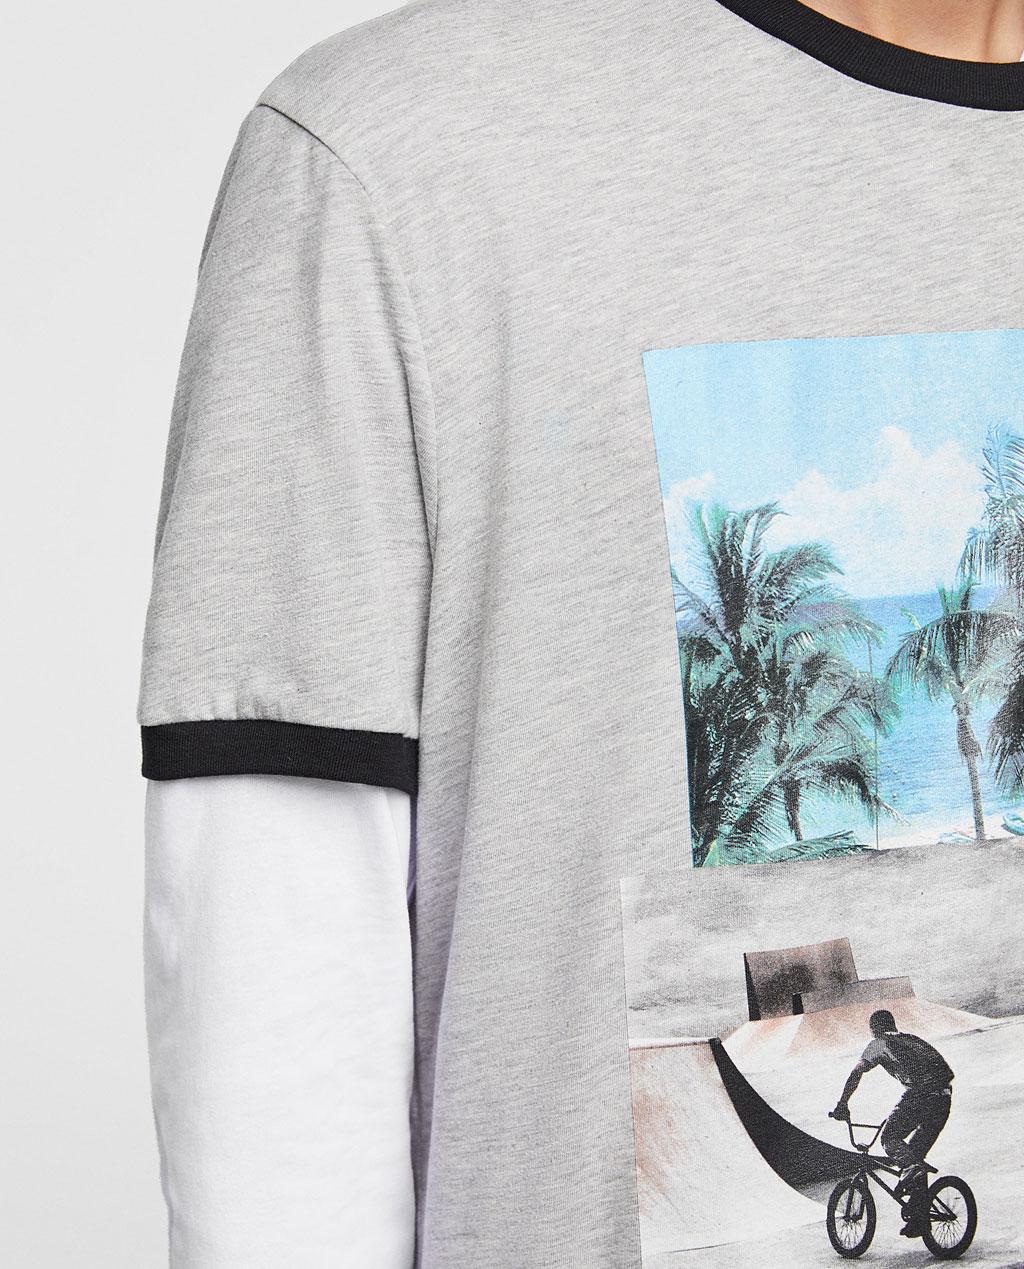 Thời trang nam Zara  24074 - ảnh 7